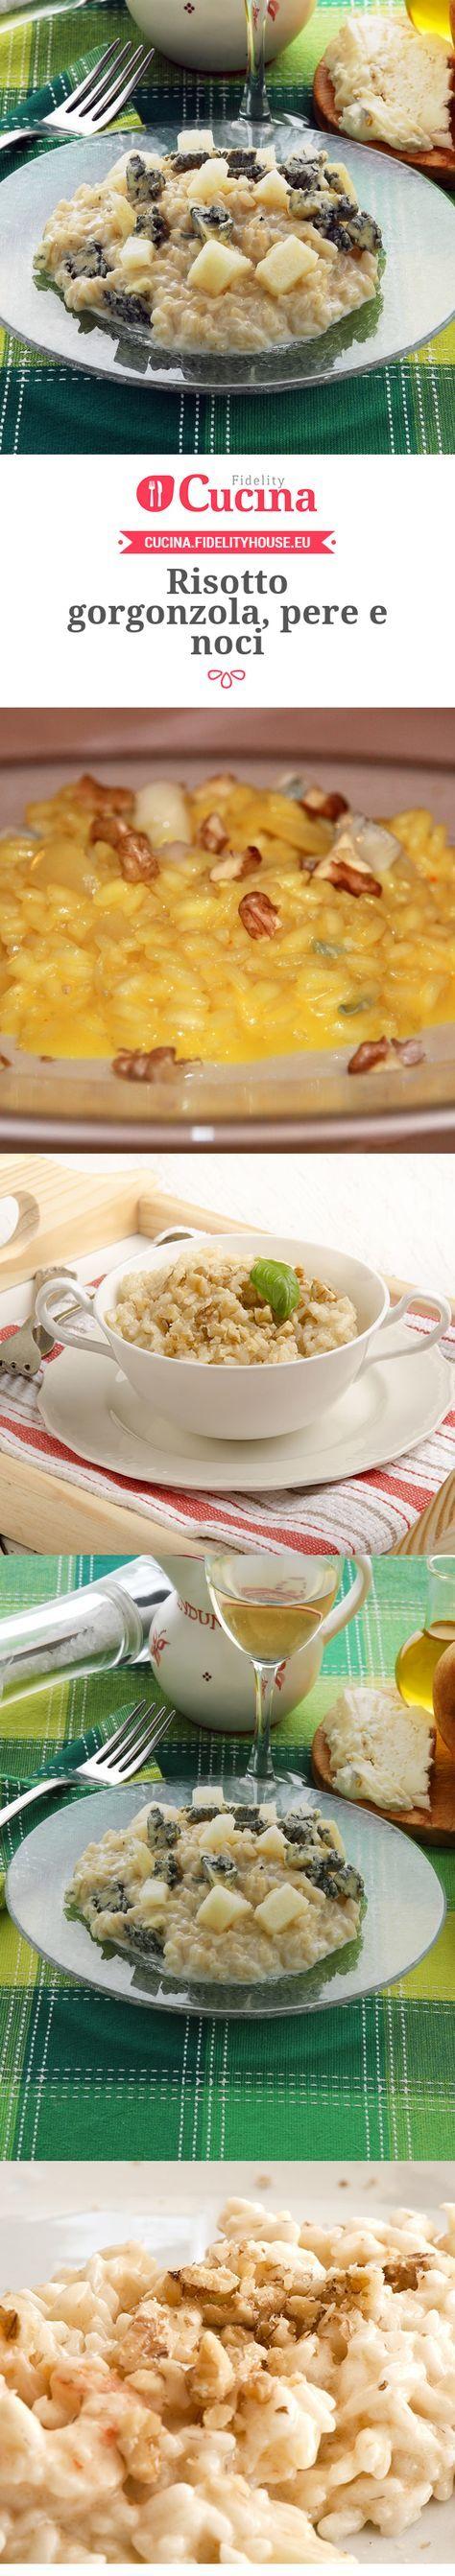 Risotto gorgonzola, pere e noci